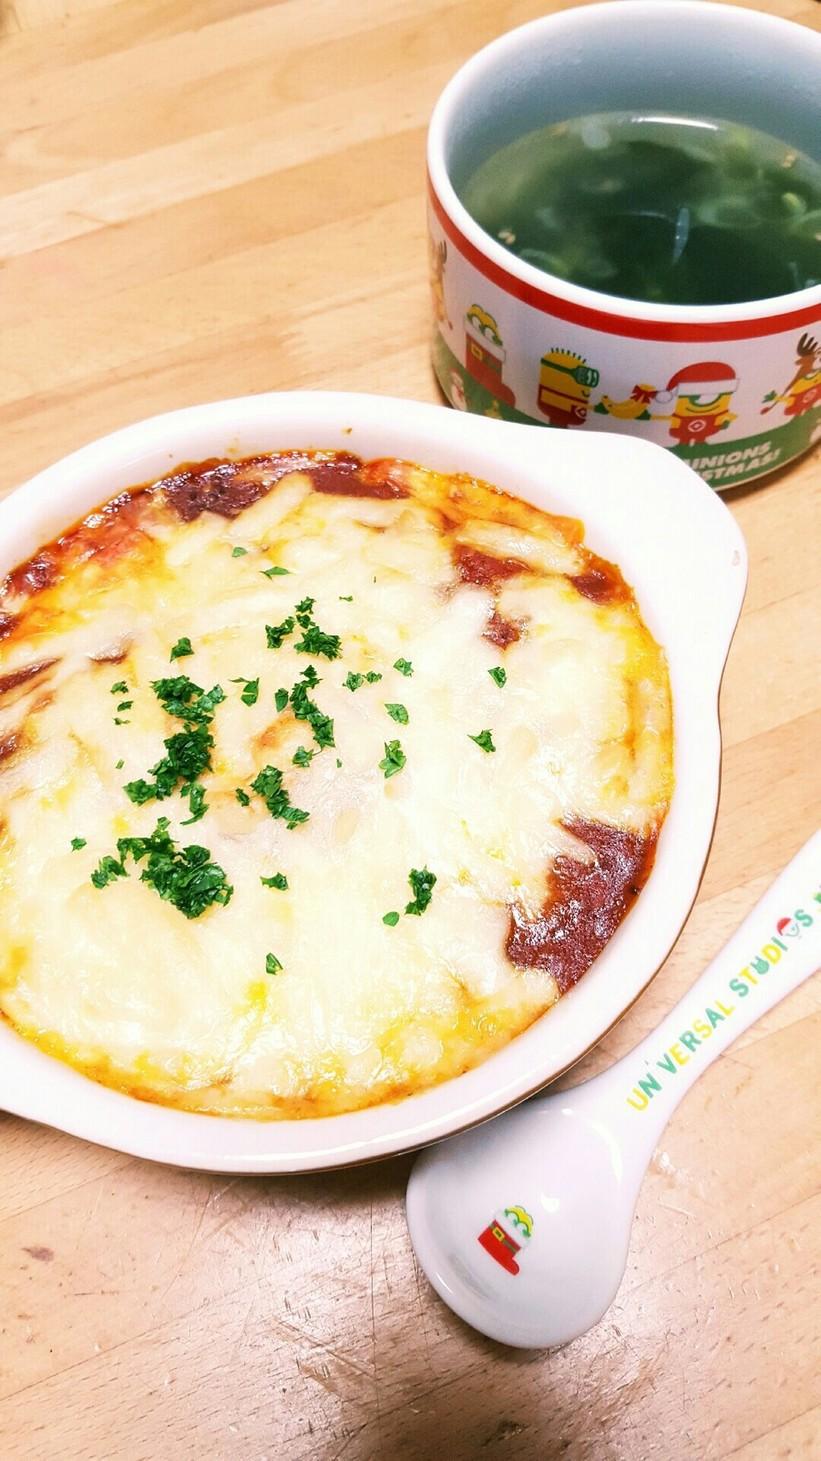 簡単♡冷凍餃子でラザニア風♡ギョウザニア